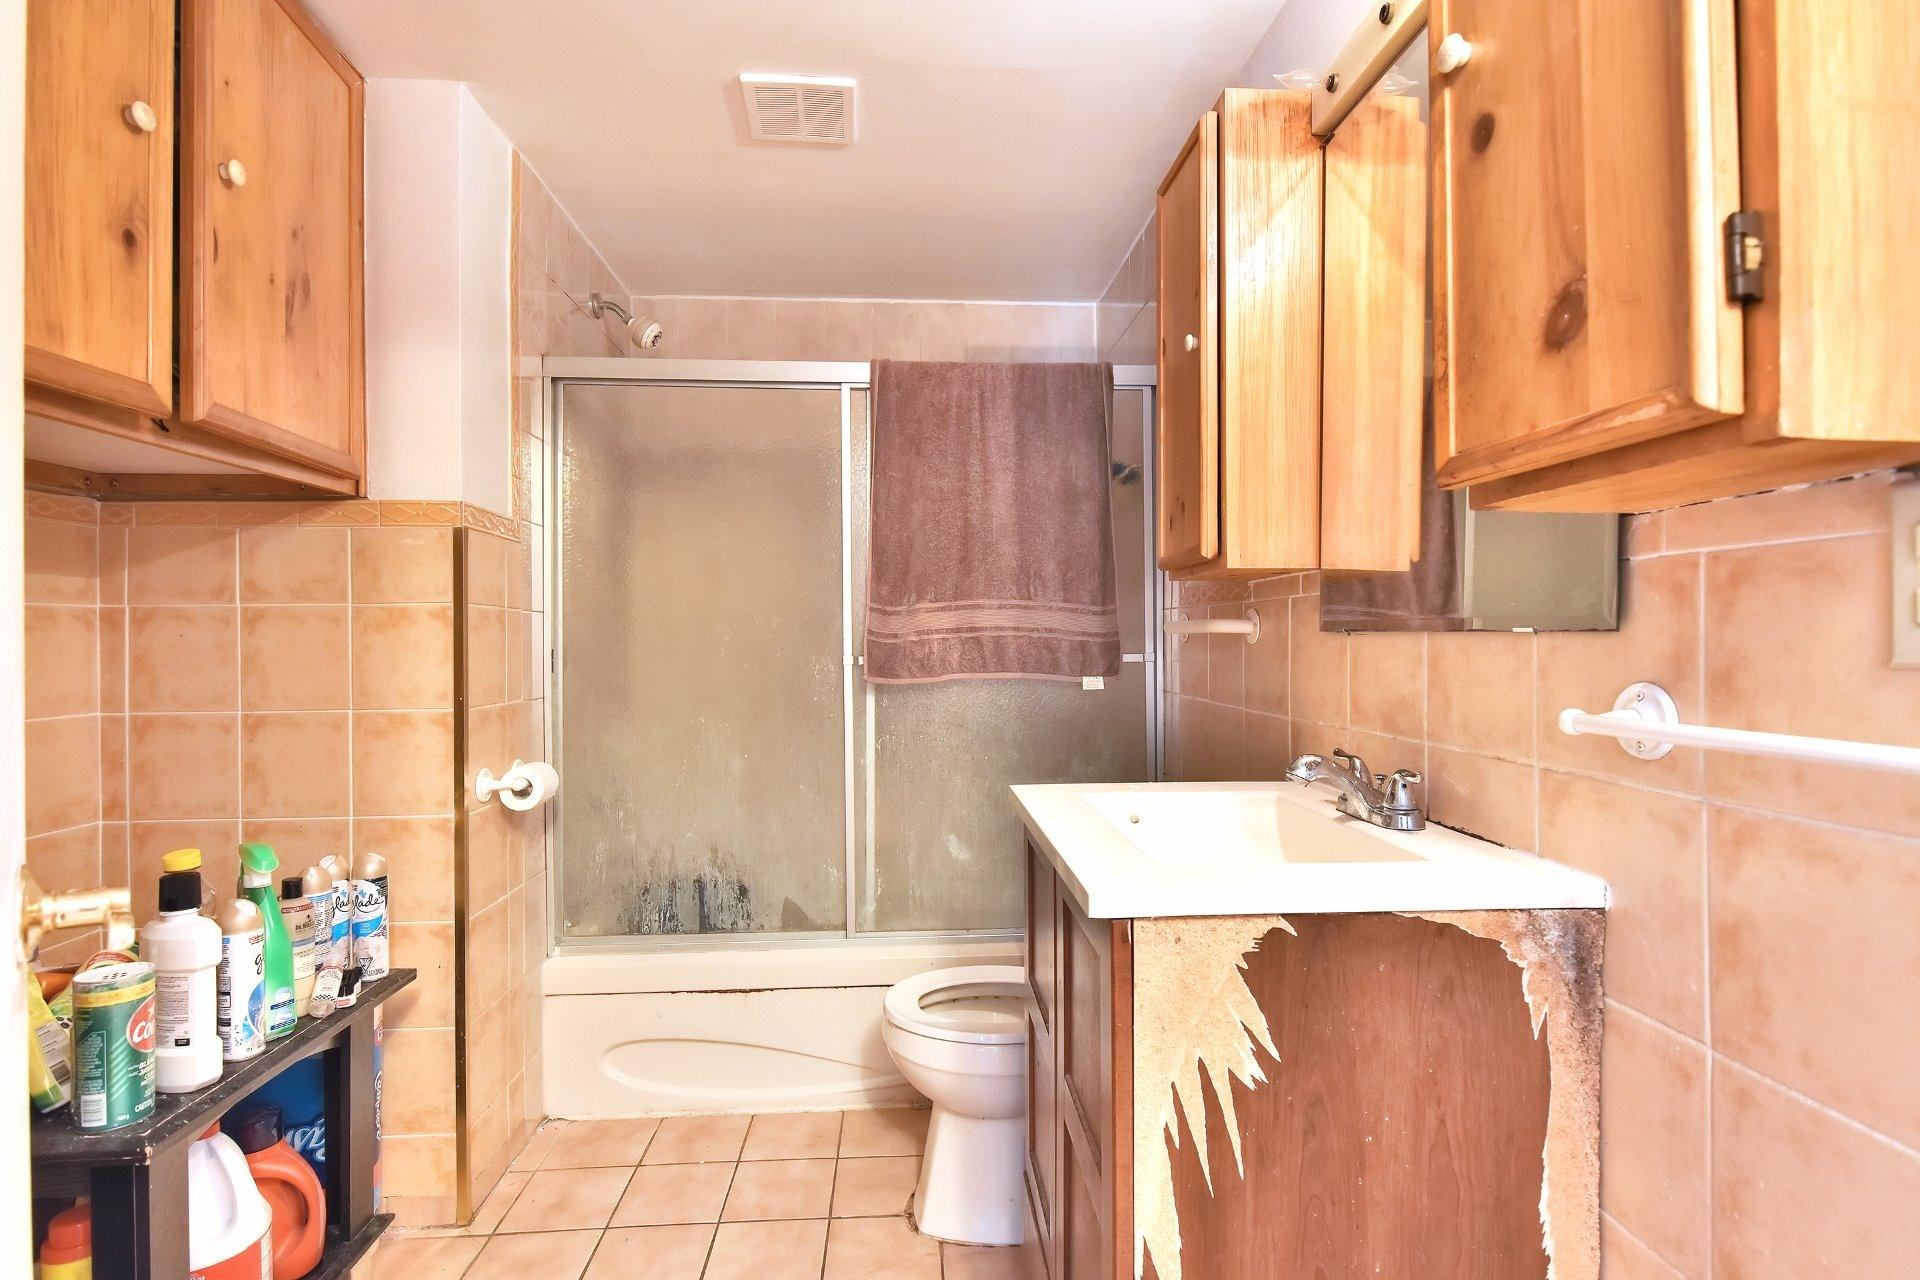 image 11 - Duplex For sale Rivière-des-Prairies/Pointe-aux-Trembles Montréal  - 5 rooms